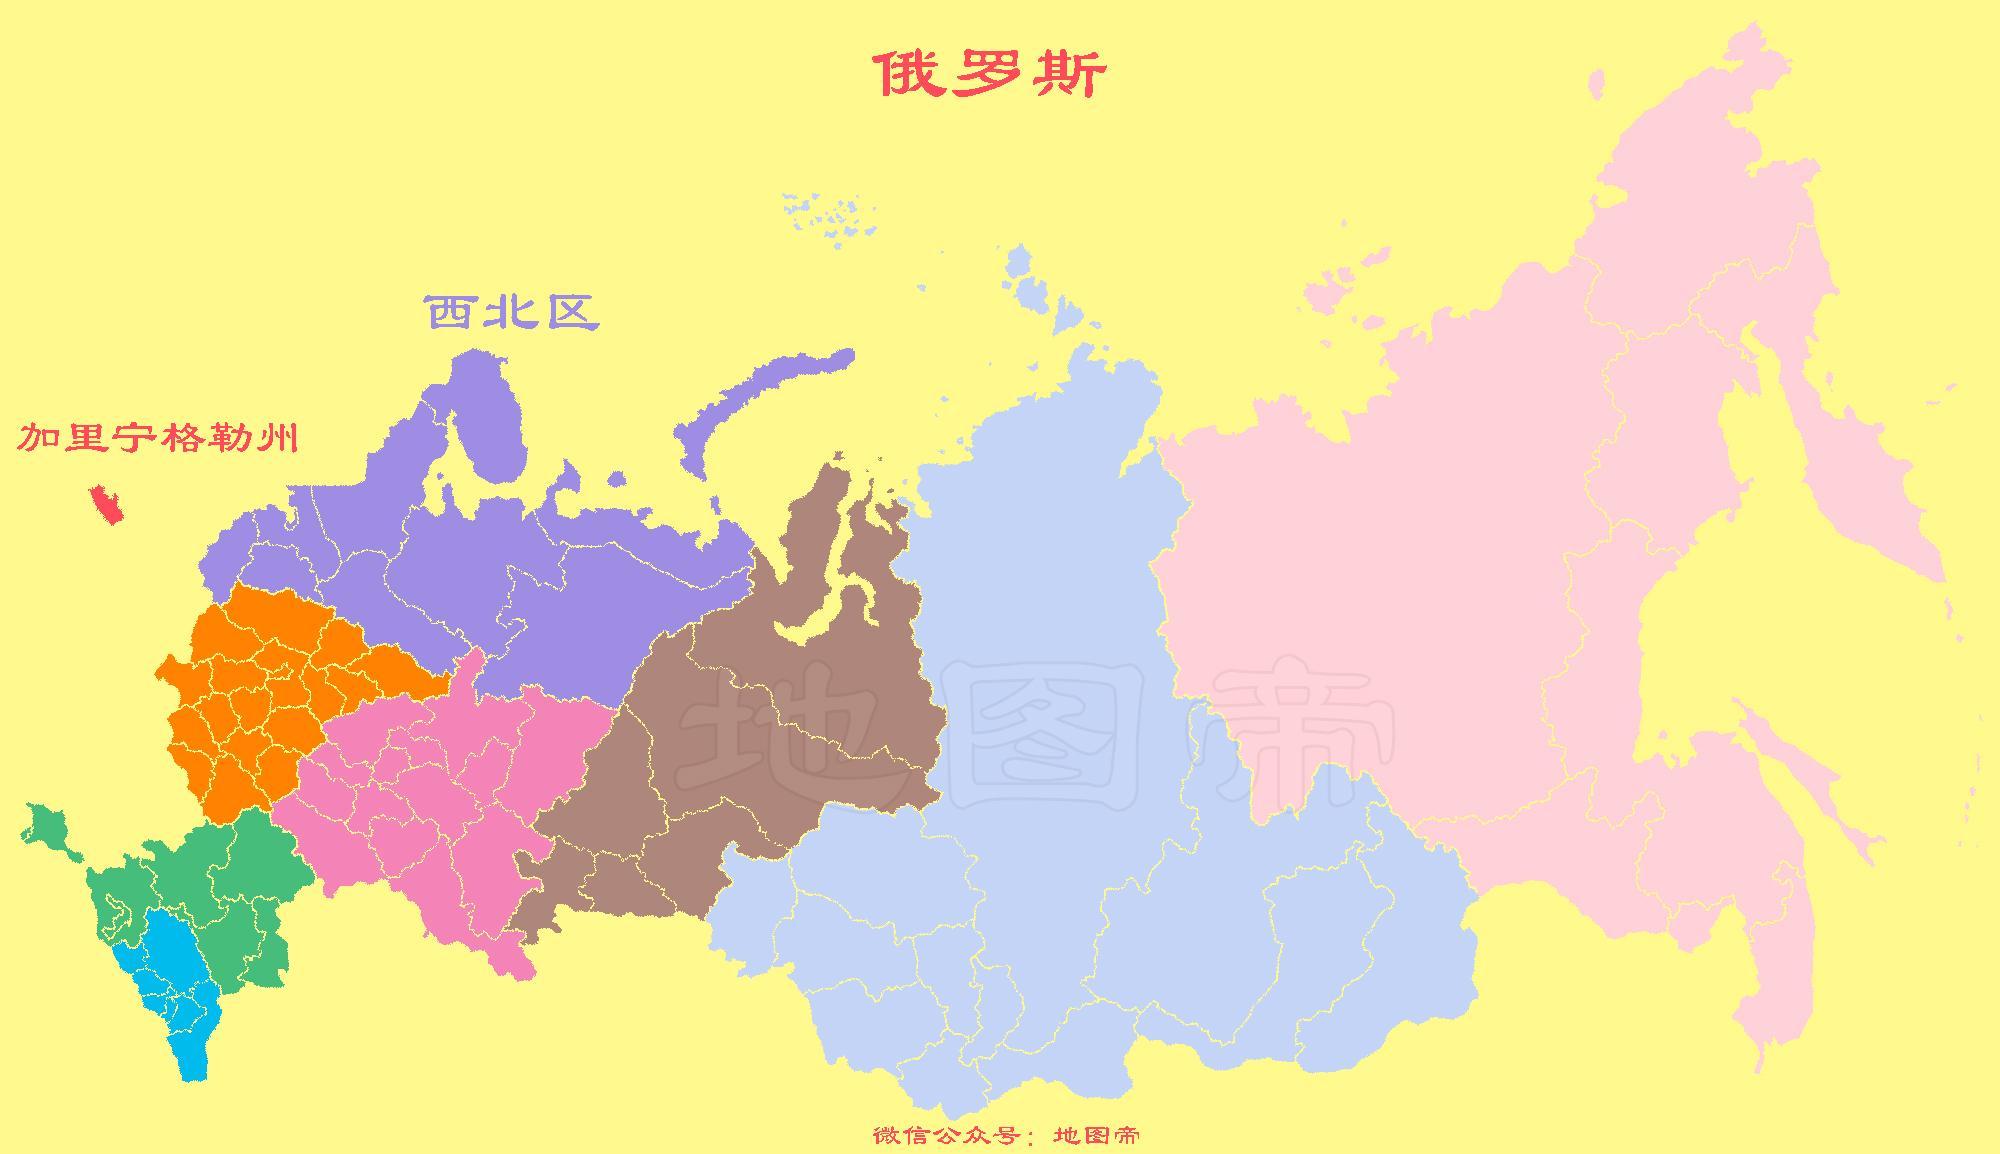 二战最大赢家:吞并六十万领土,相当于两个日本